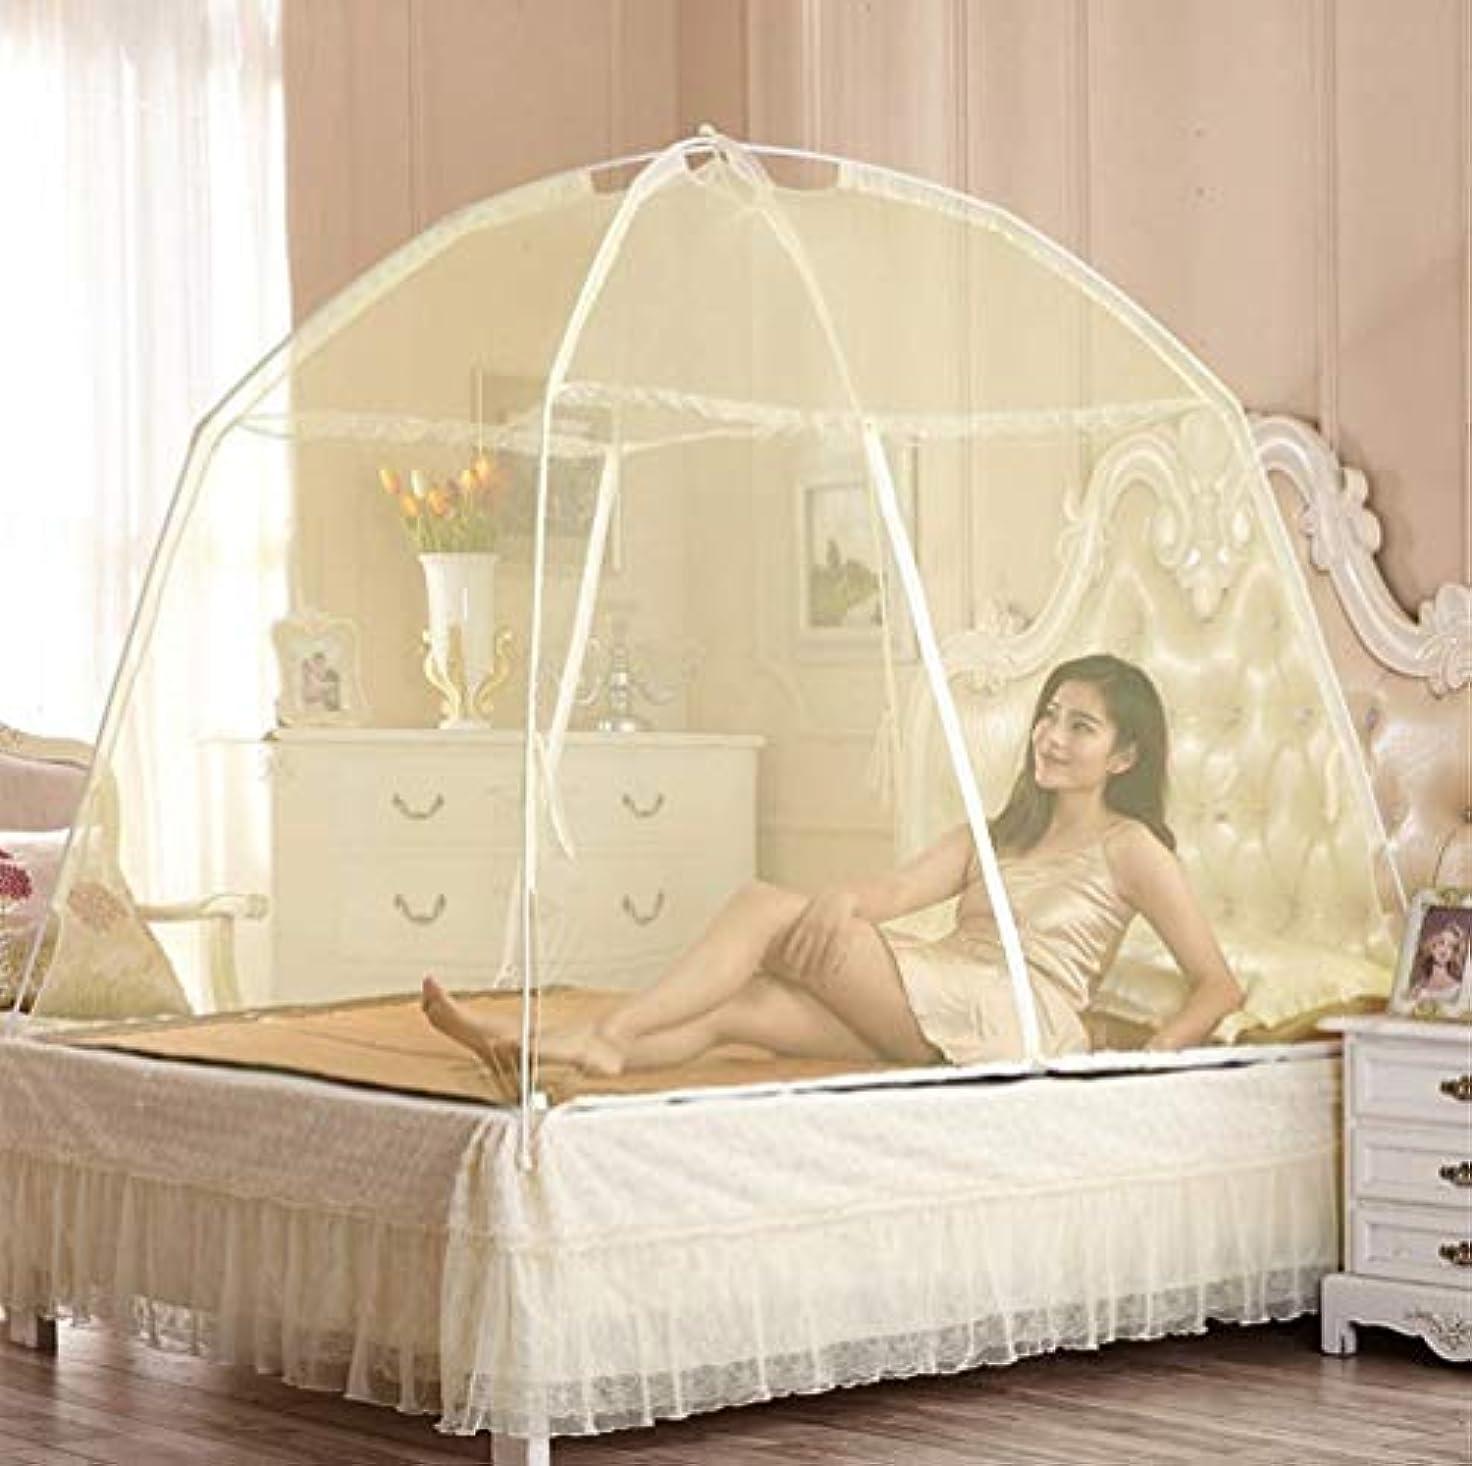 印象的な書士アパートSHIJIAN 蚊帳ベッドキャノピー、プレミアムバグスクリーン忌避剤、ドームスクリーンネッティングカーテン、防虫忌避剤、虫よけマラリア対策